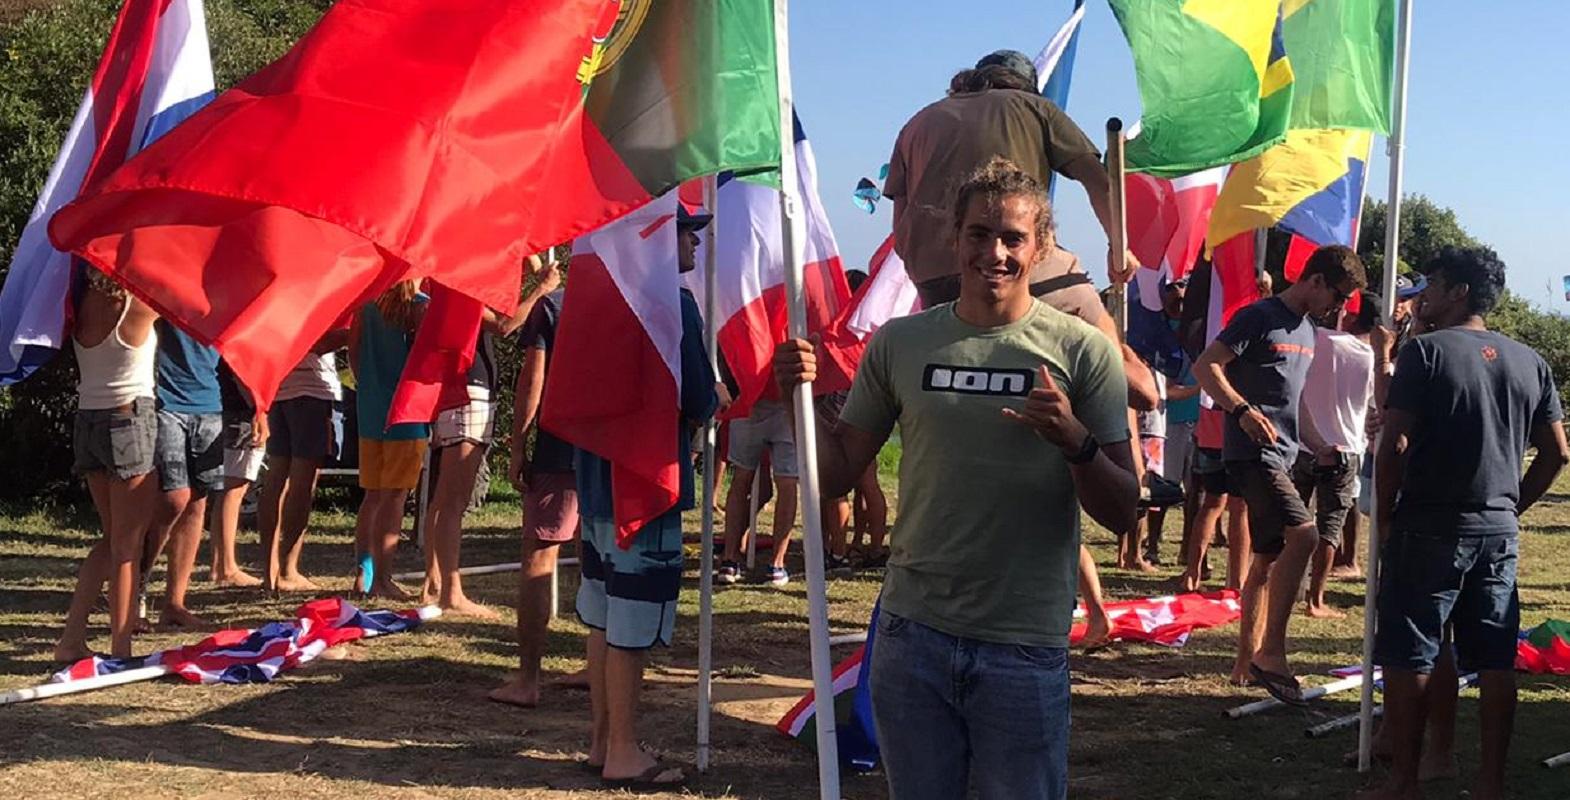 Vianense Pedro Afonso é único português no Campeonato do Mundo de Kitesurf, em Espanha